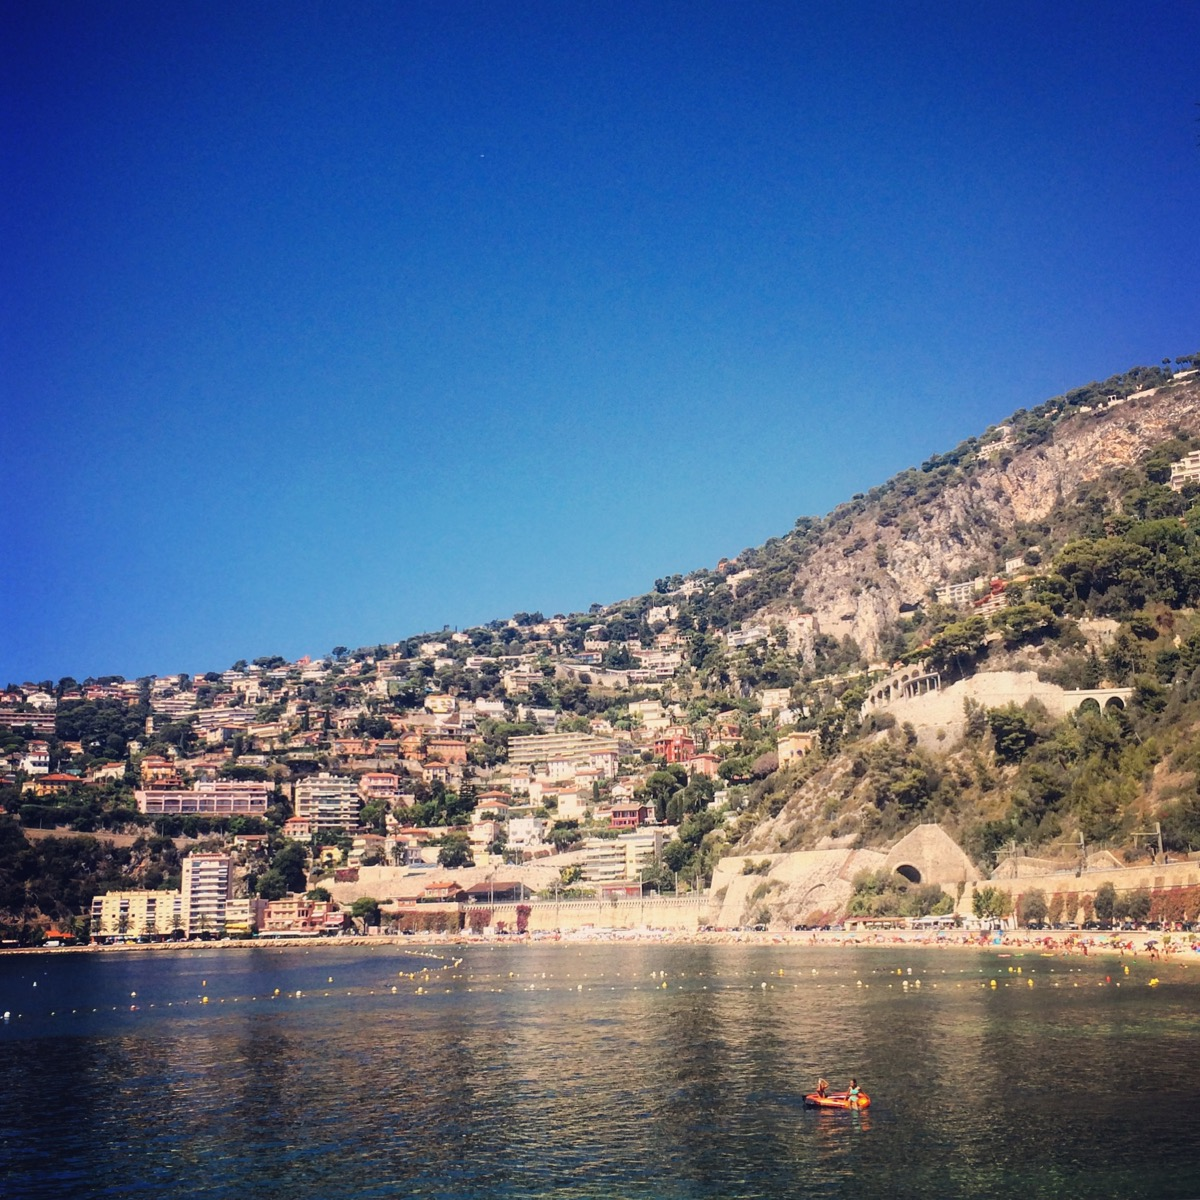 Villefranche-sur-Mer, Côte d'Azur.